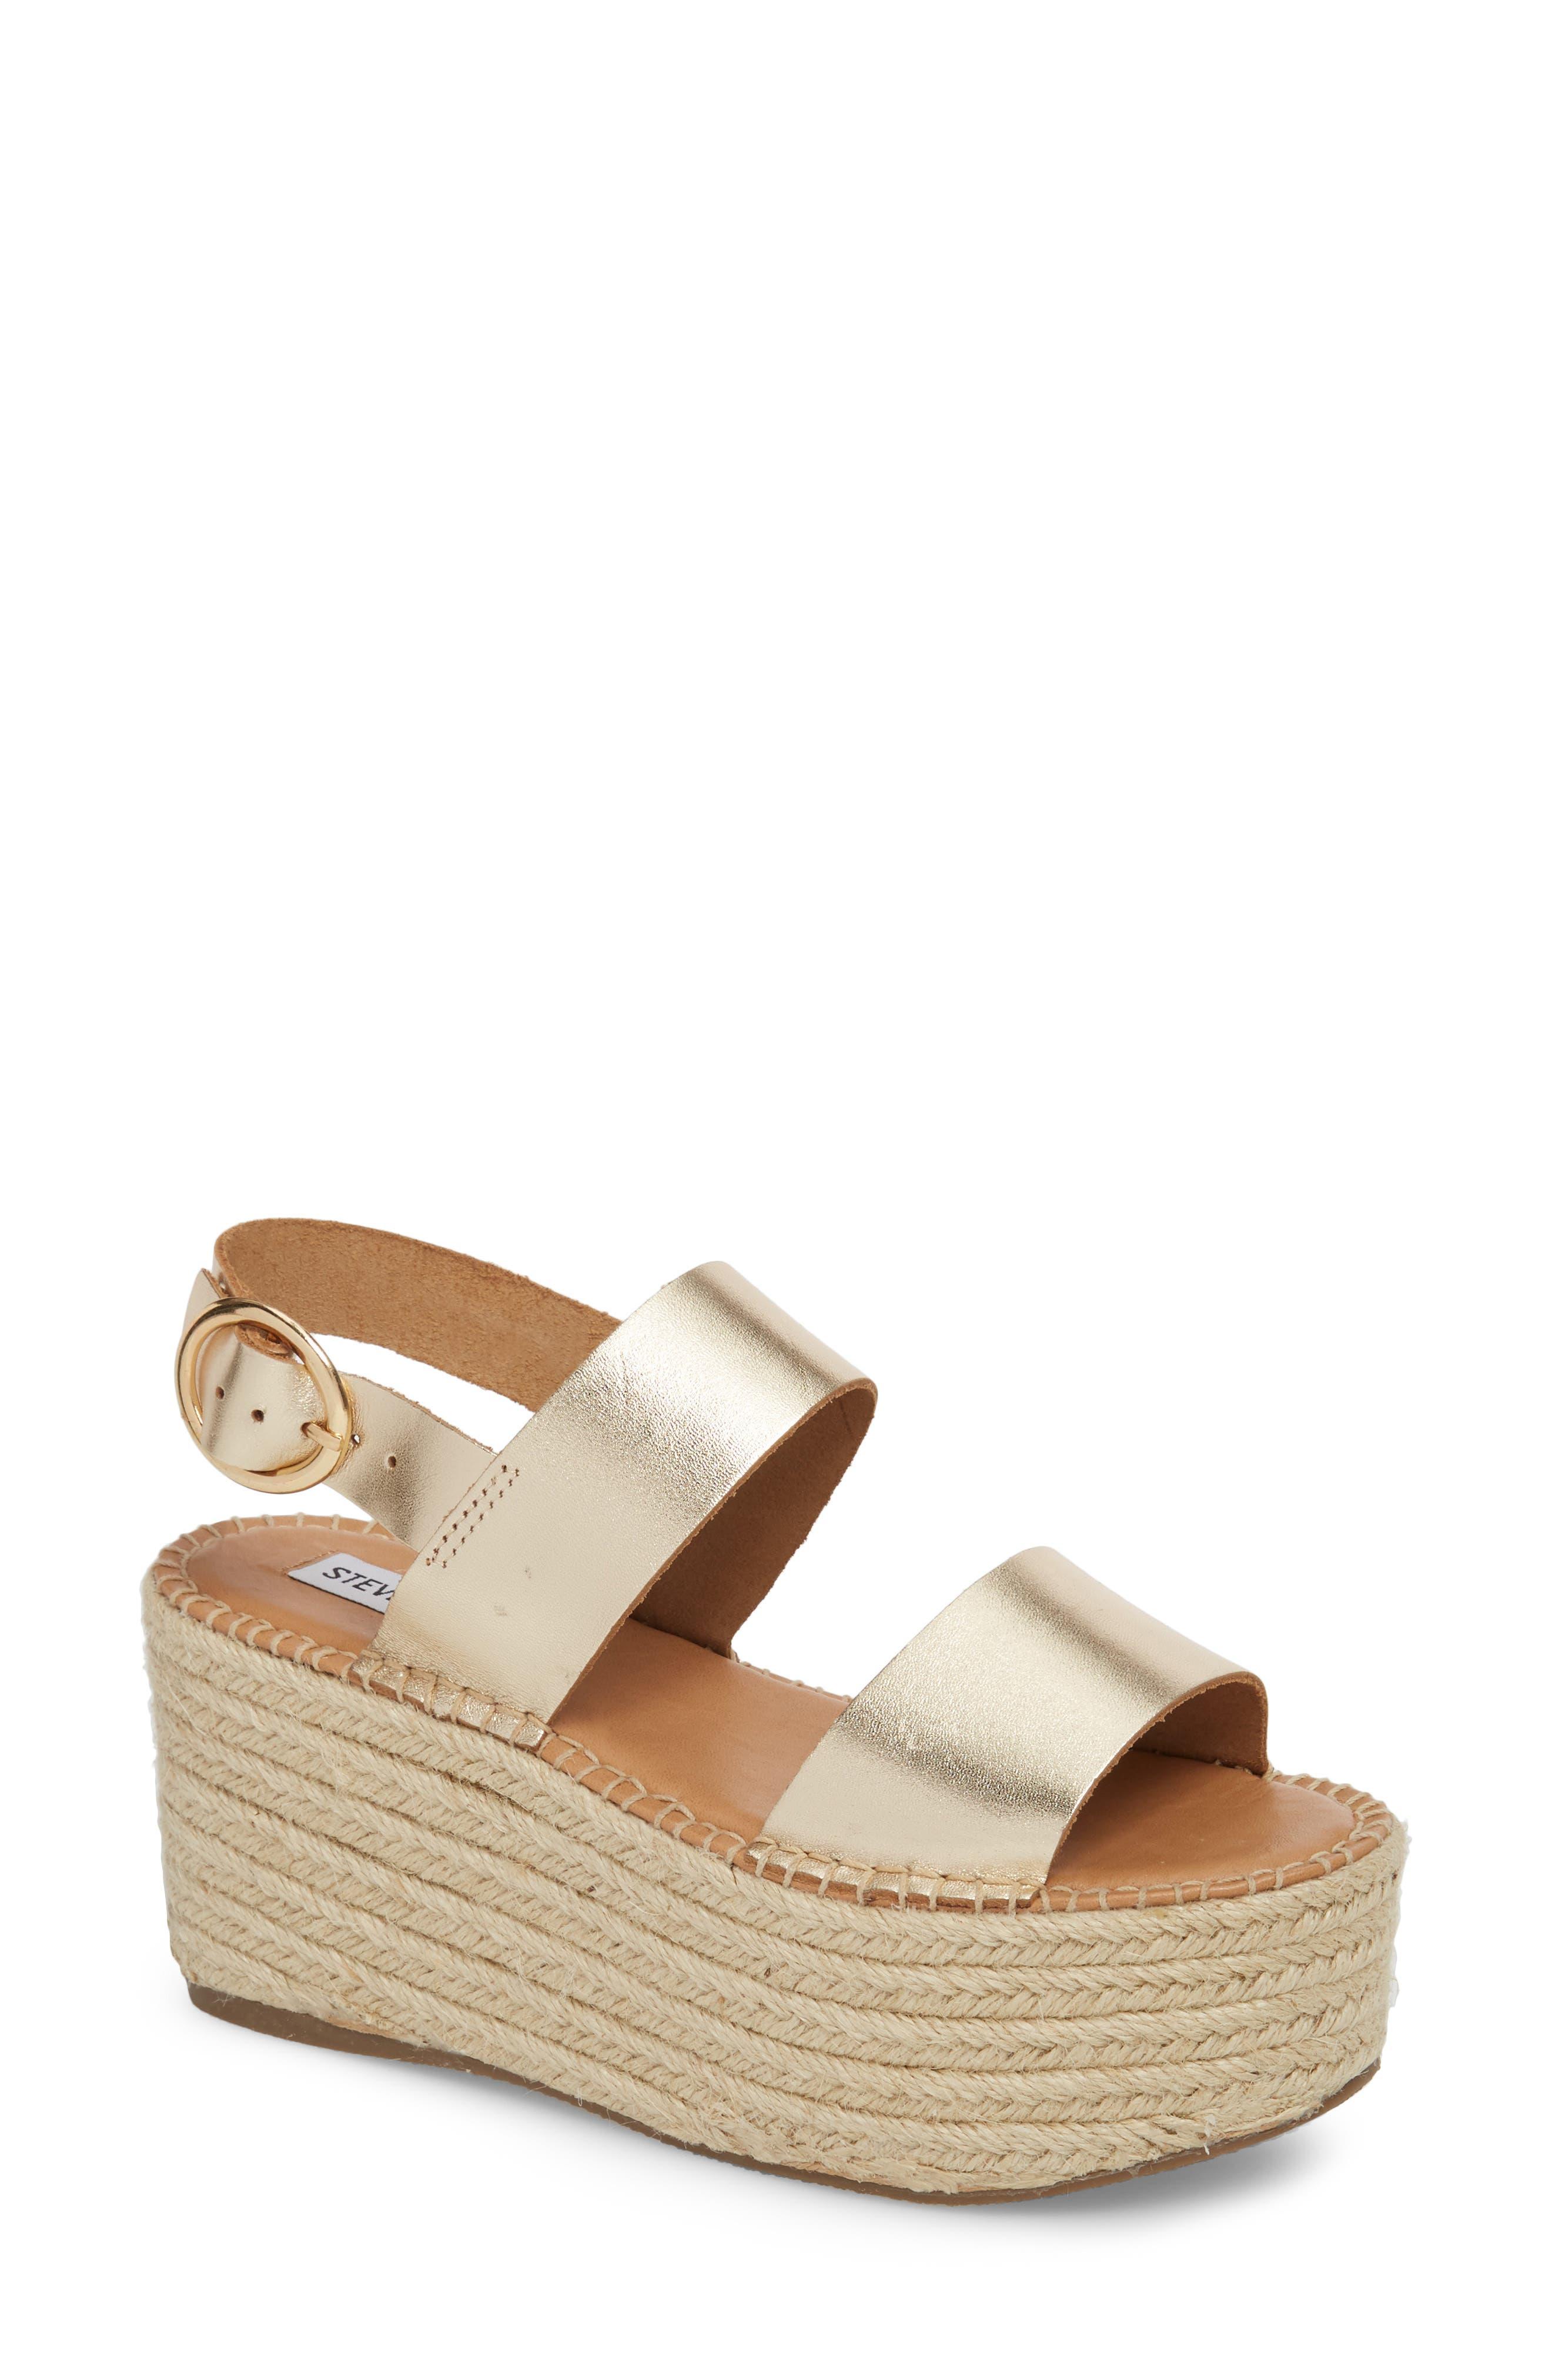 Steve Madden Cali Espadrille Platform Sandal (Women)